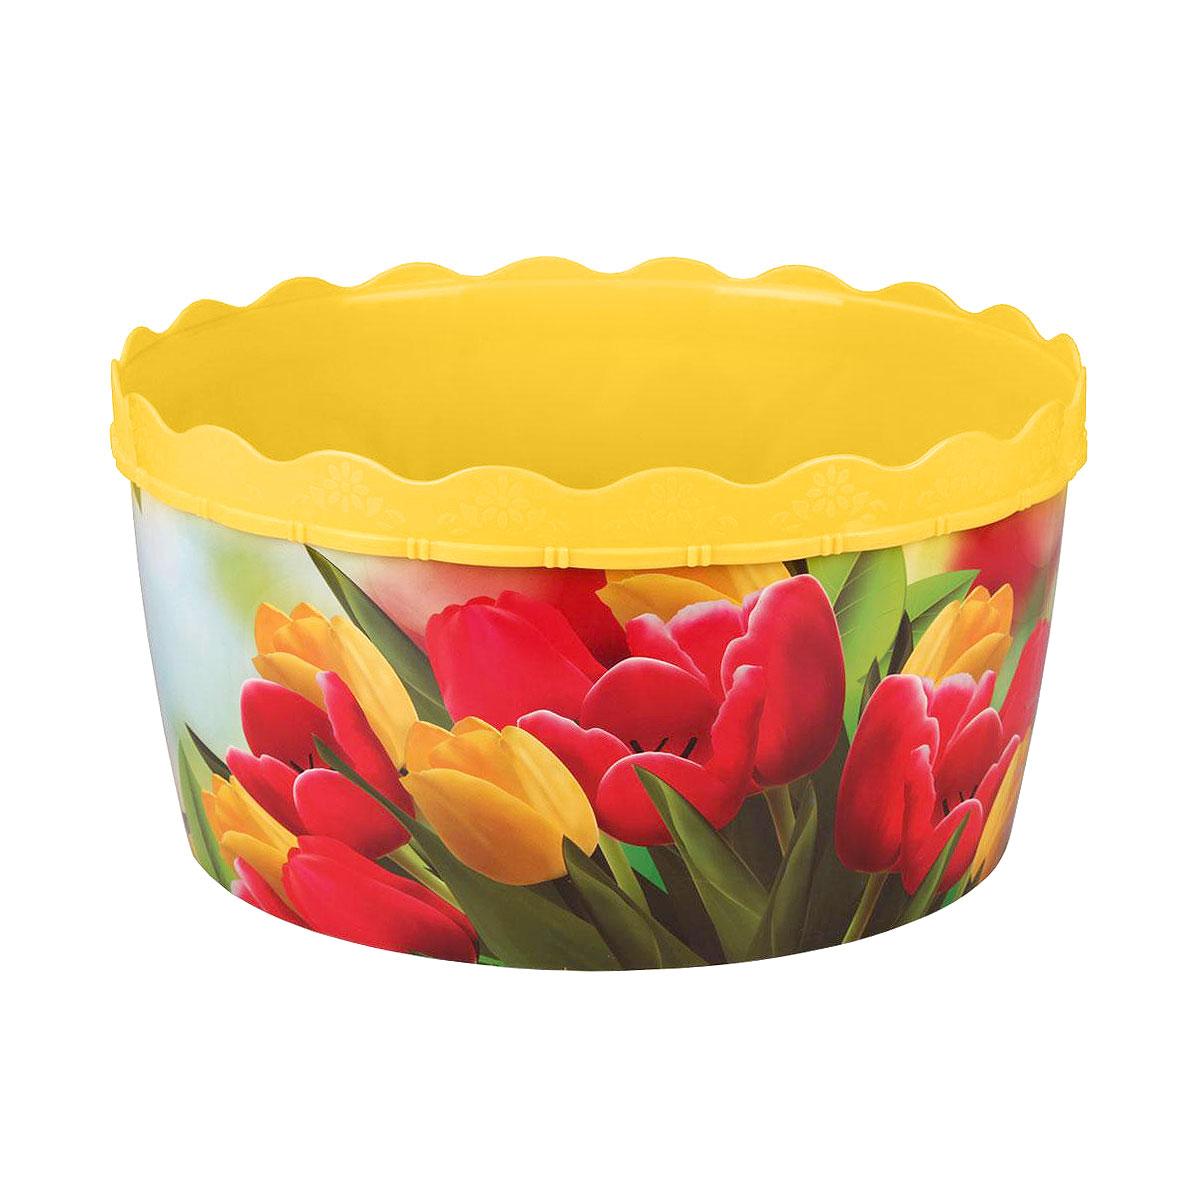 Таз Тюльпаны, цвет: желтый, 12 лМ3107Таз Тюльпаны станет незаменимым помощником в хозяйстве. Он выполнен из качественного пластика и прослужит долгие годы. Объем: 12 л.Диаметр (по верхнему краю): 35 см.Высота: 18 см.